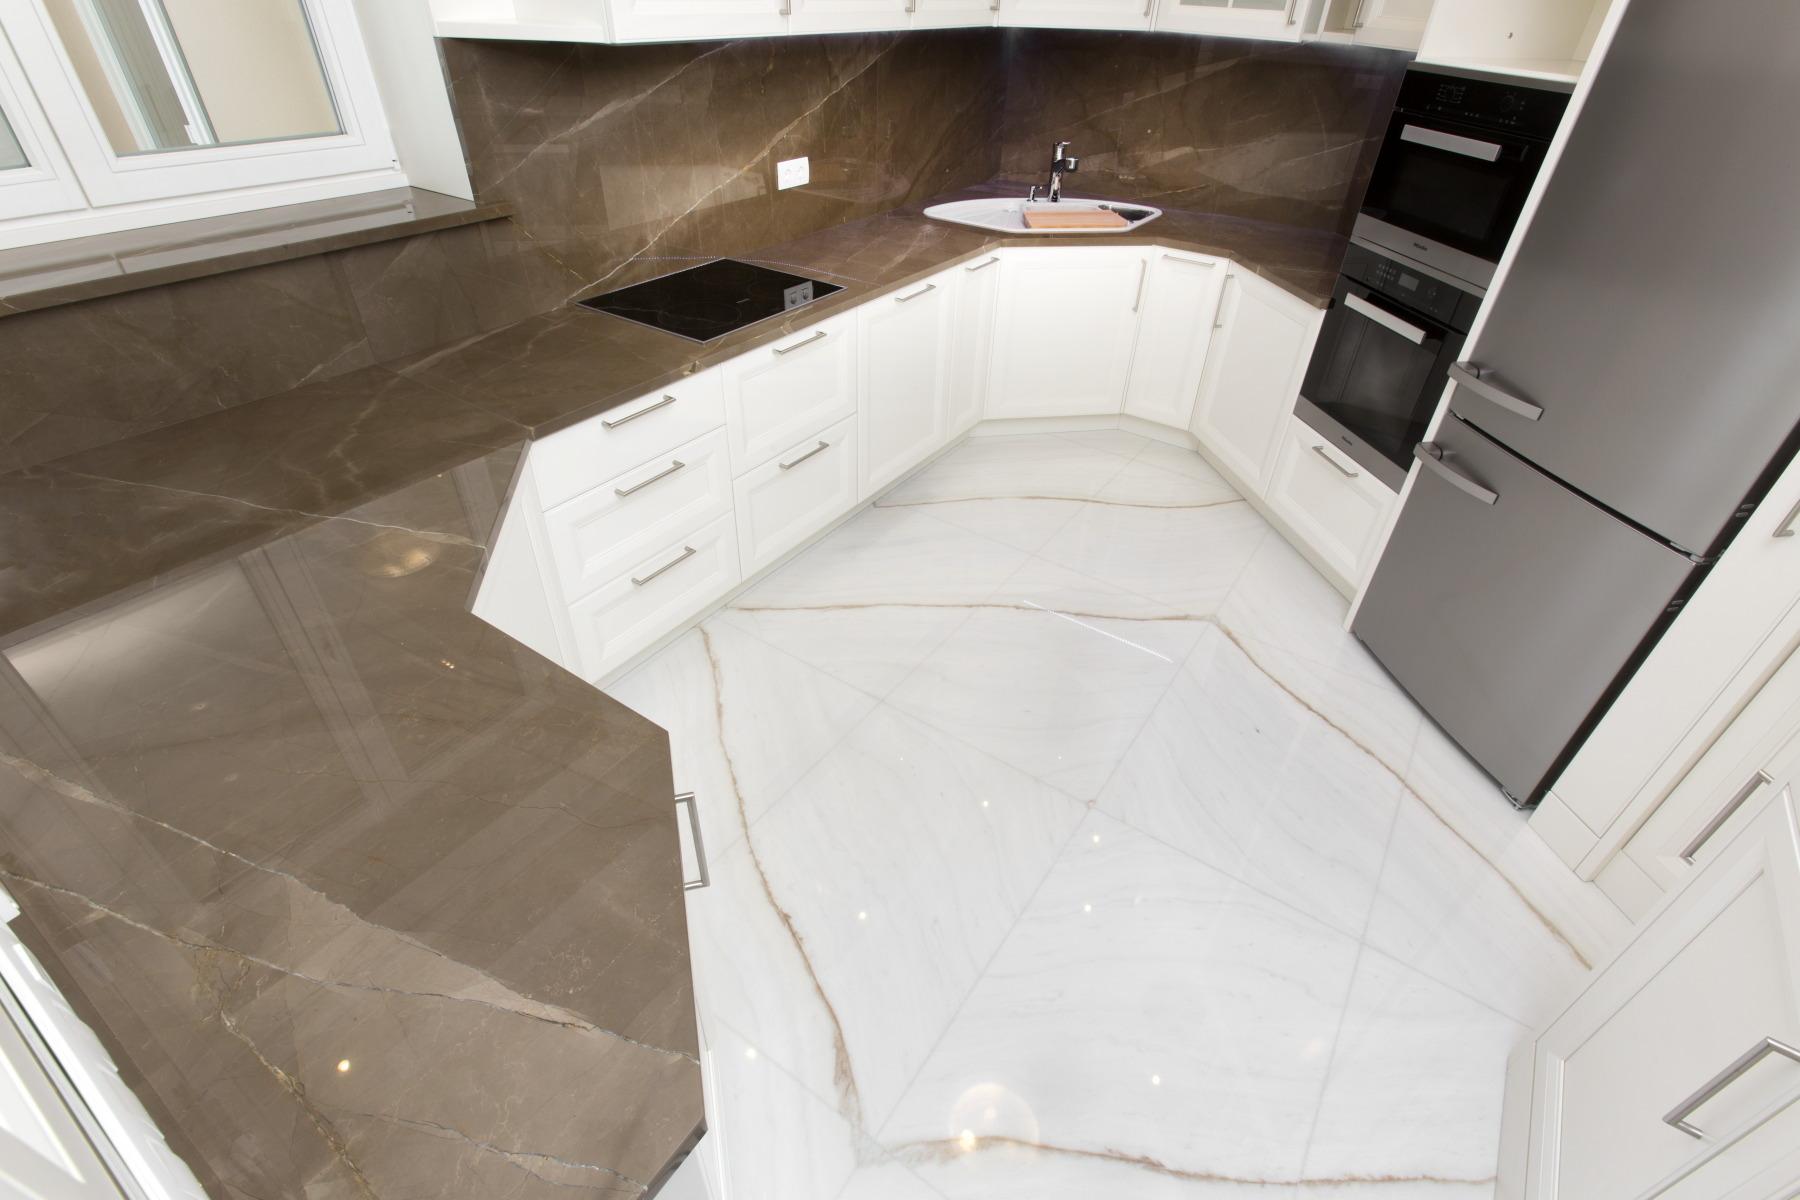 Vuoi personalizzare la tua nuova cucina con un piano di alta qualità ...